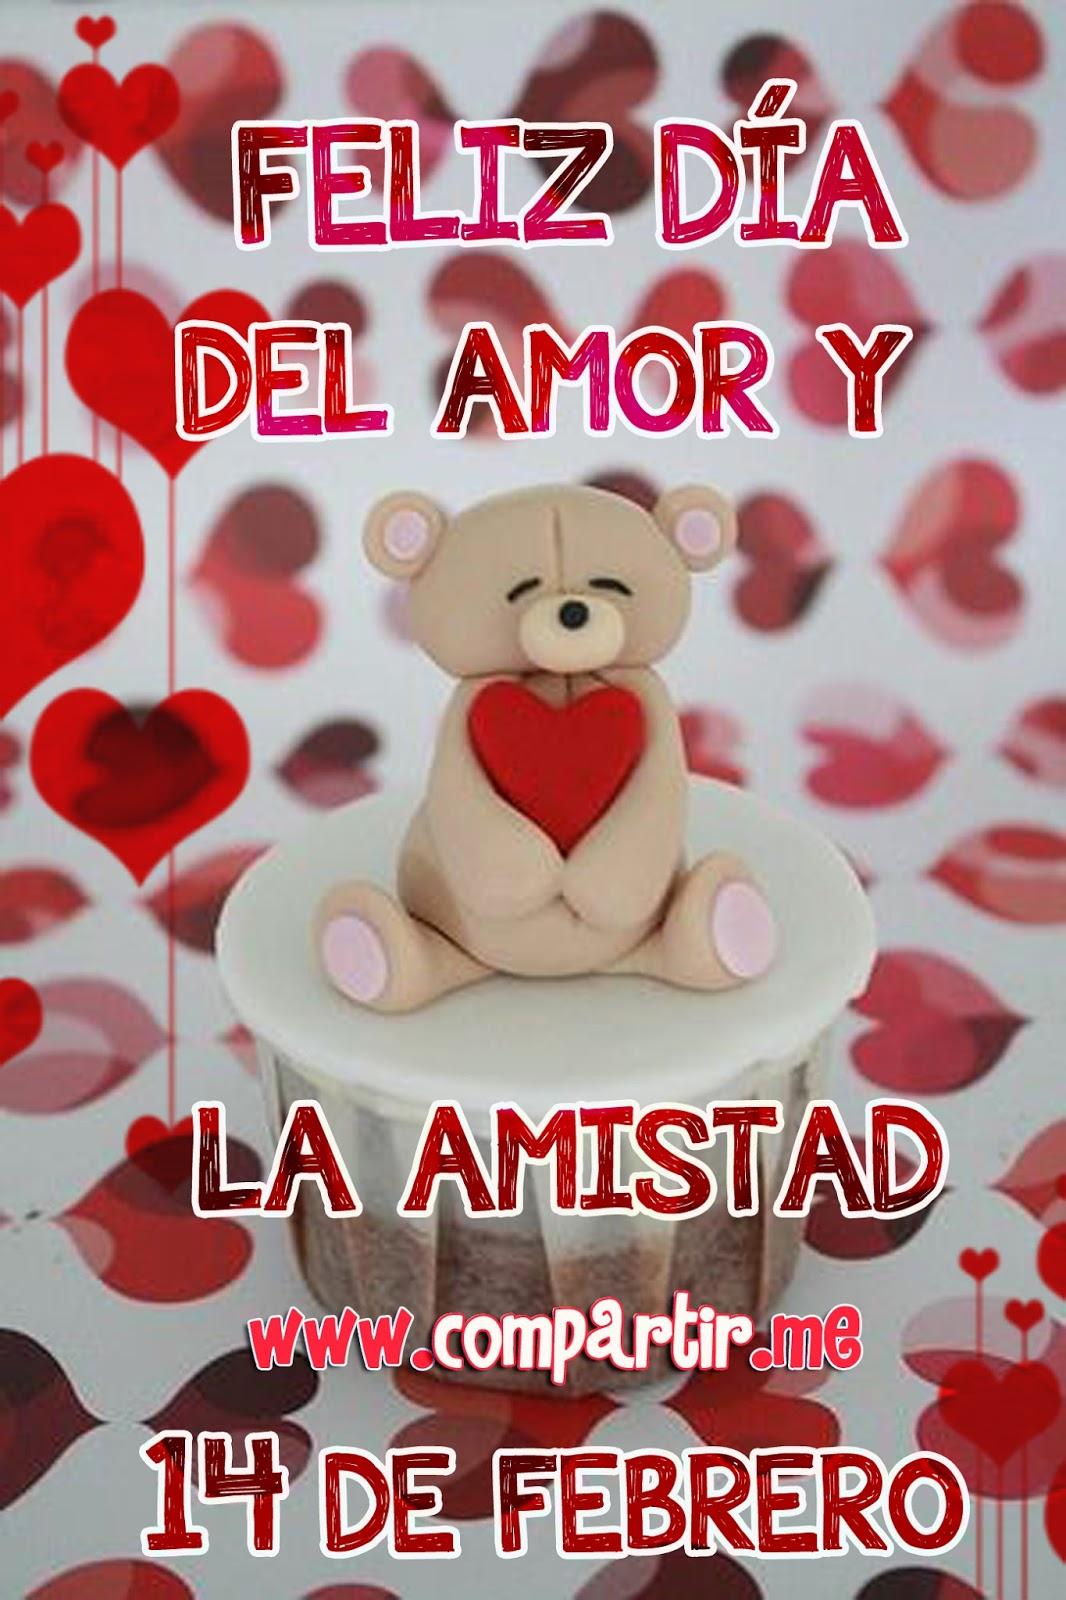 Feliz día del amor y de la amistad tarjeta especial por el 14 de